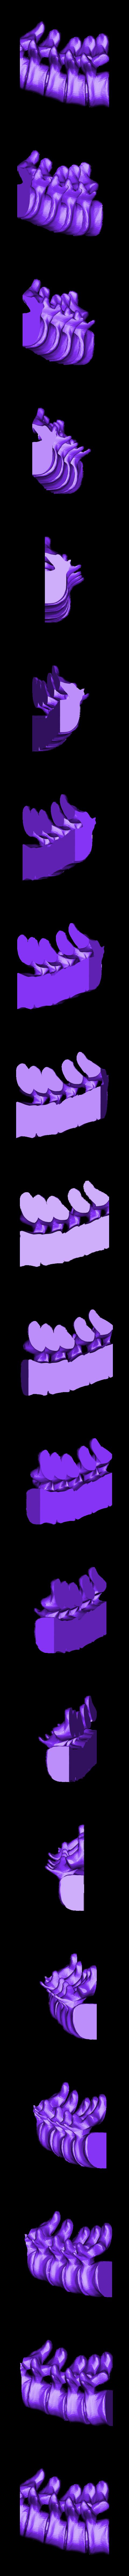 spine_bottom_left.stl Télécharger fichier STL gratuit Bougeoir pour la colonne vertébrale • Modèle pour impression 3D, billythemighty3Dprinter